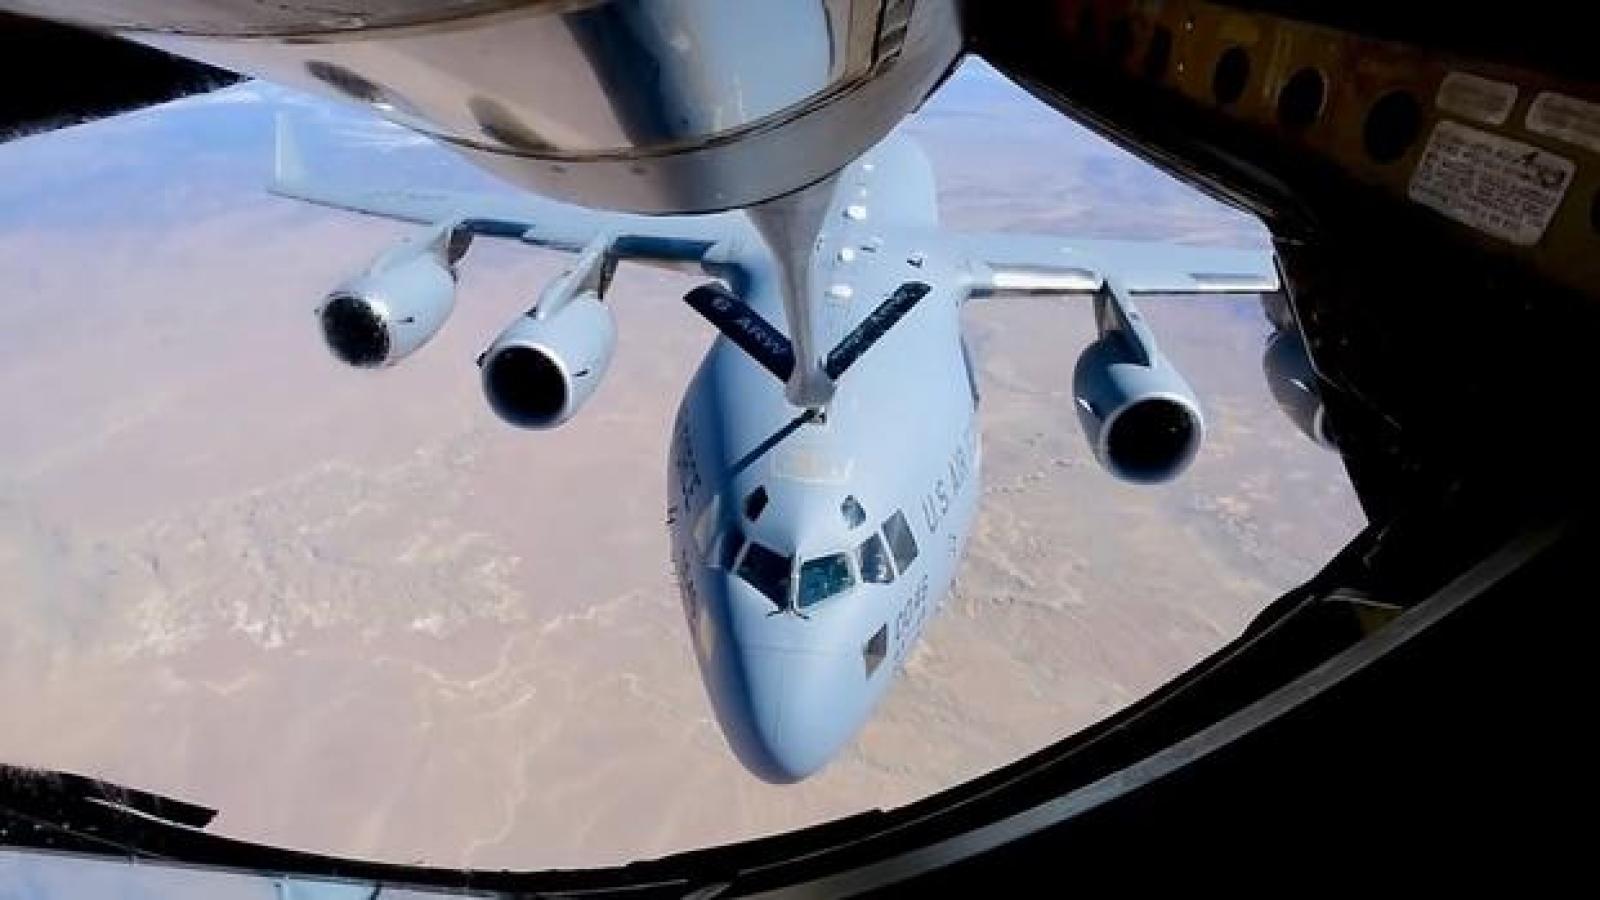 Vận tải cơ C-17 Globlemaster được tiếp nhiên liệu trên đường tới Thái Bình Dương